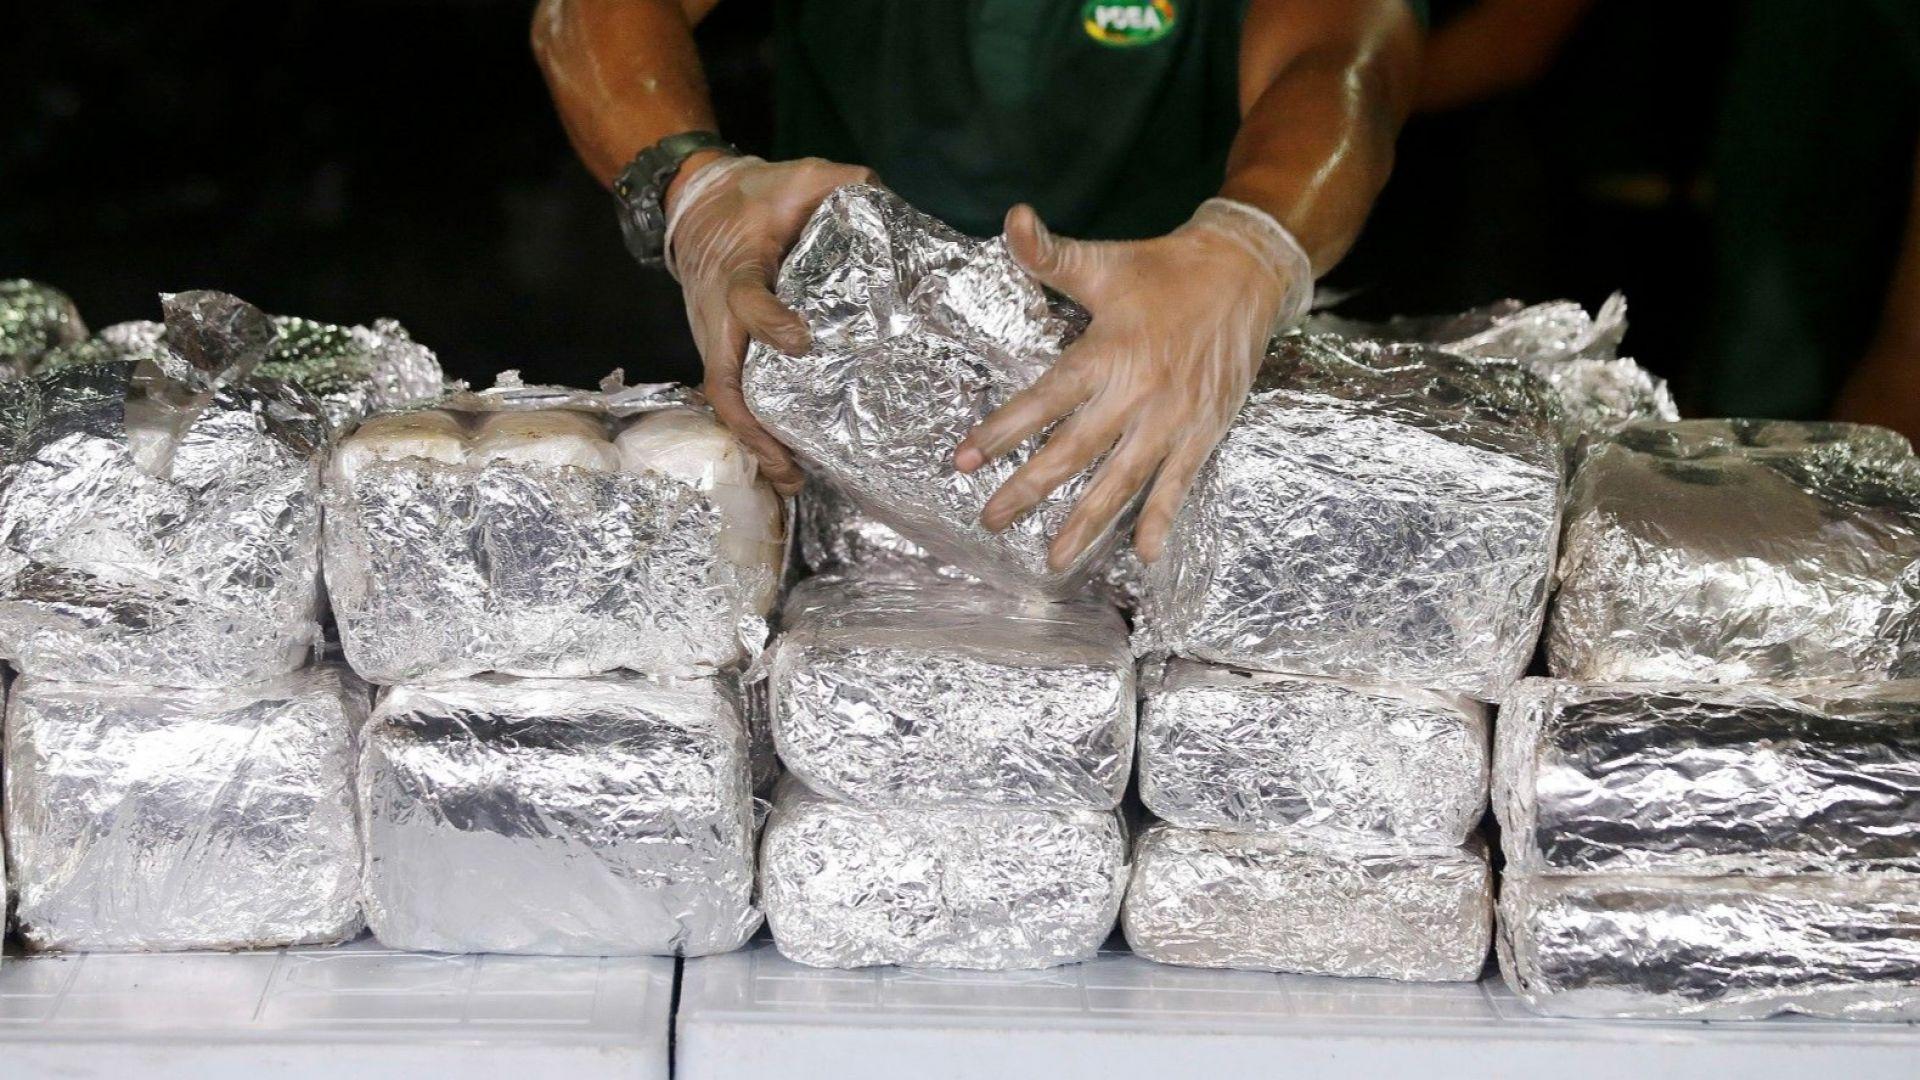 Румънските власти са открили над 800 кг кокаин в преобърната лодка на плаж